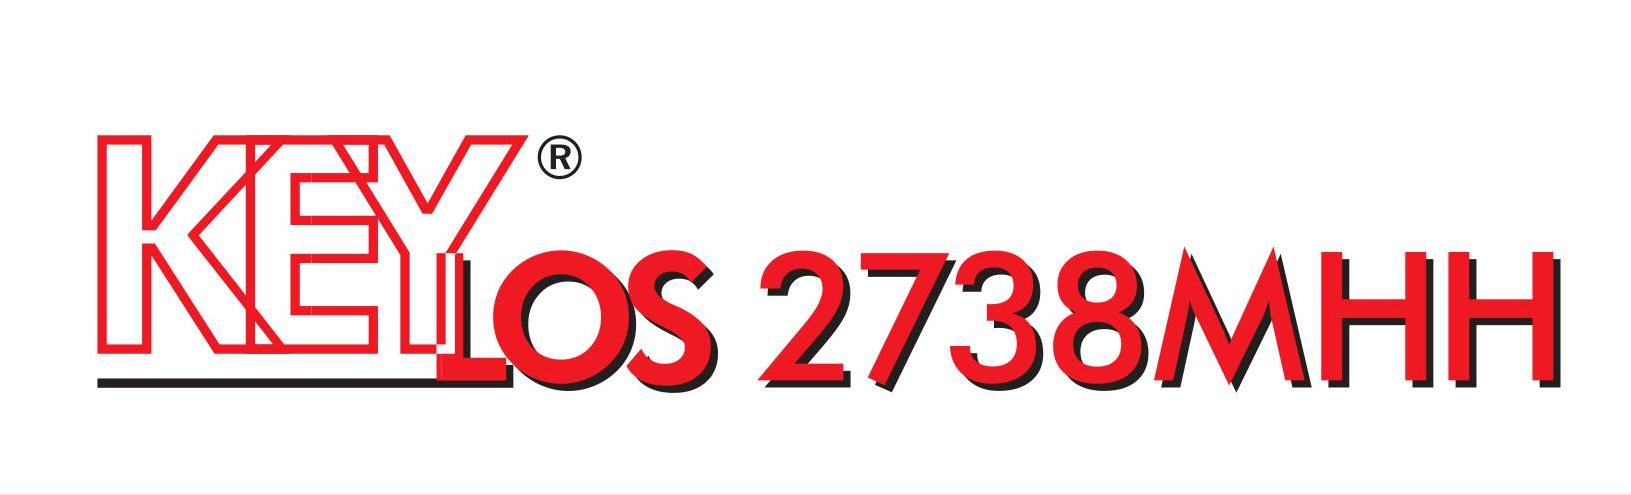 1.2738MHH